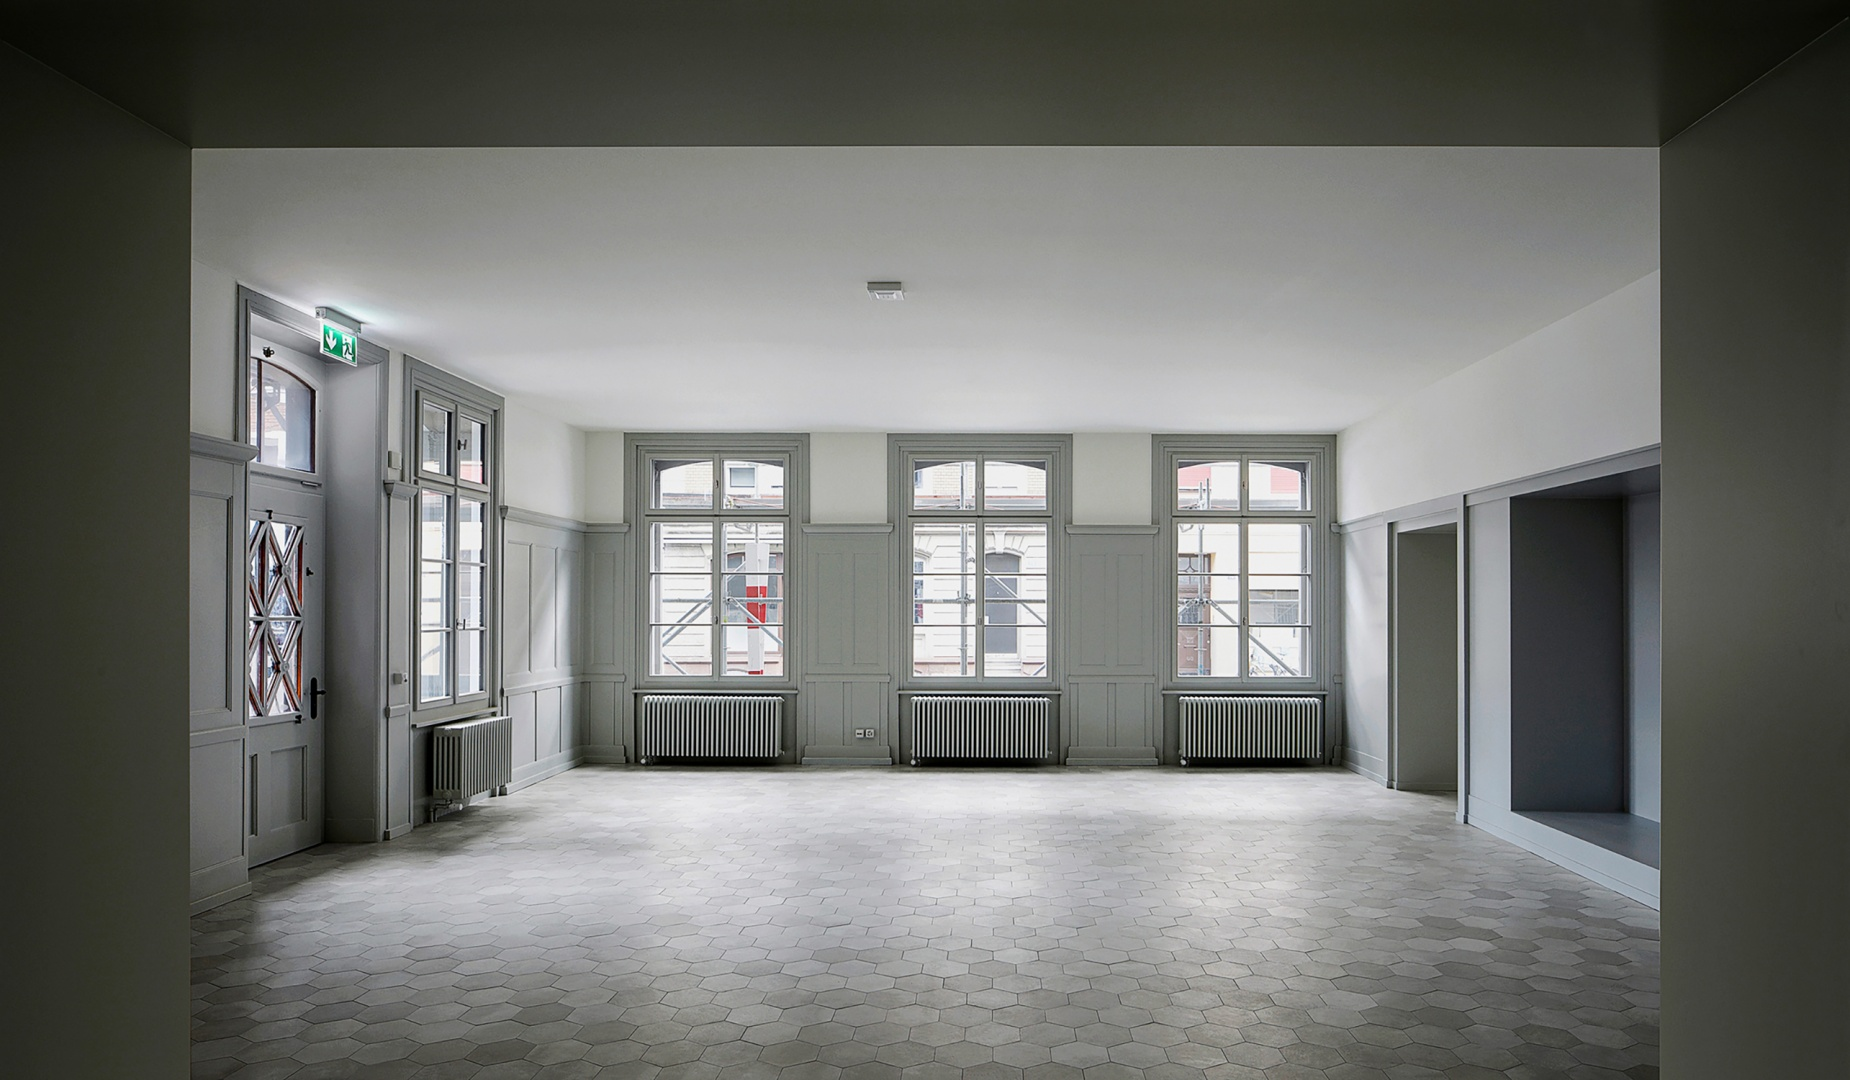 Blick in das Erdgeschoss des behutsam sanierten Altbaus,  das derzeit als Coworking-Space genutzt wird. Besonderheit sind die neu verlegten, grauen Sechseck-Fliesen aus Keramik. © Tom Bisig